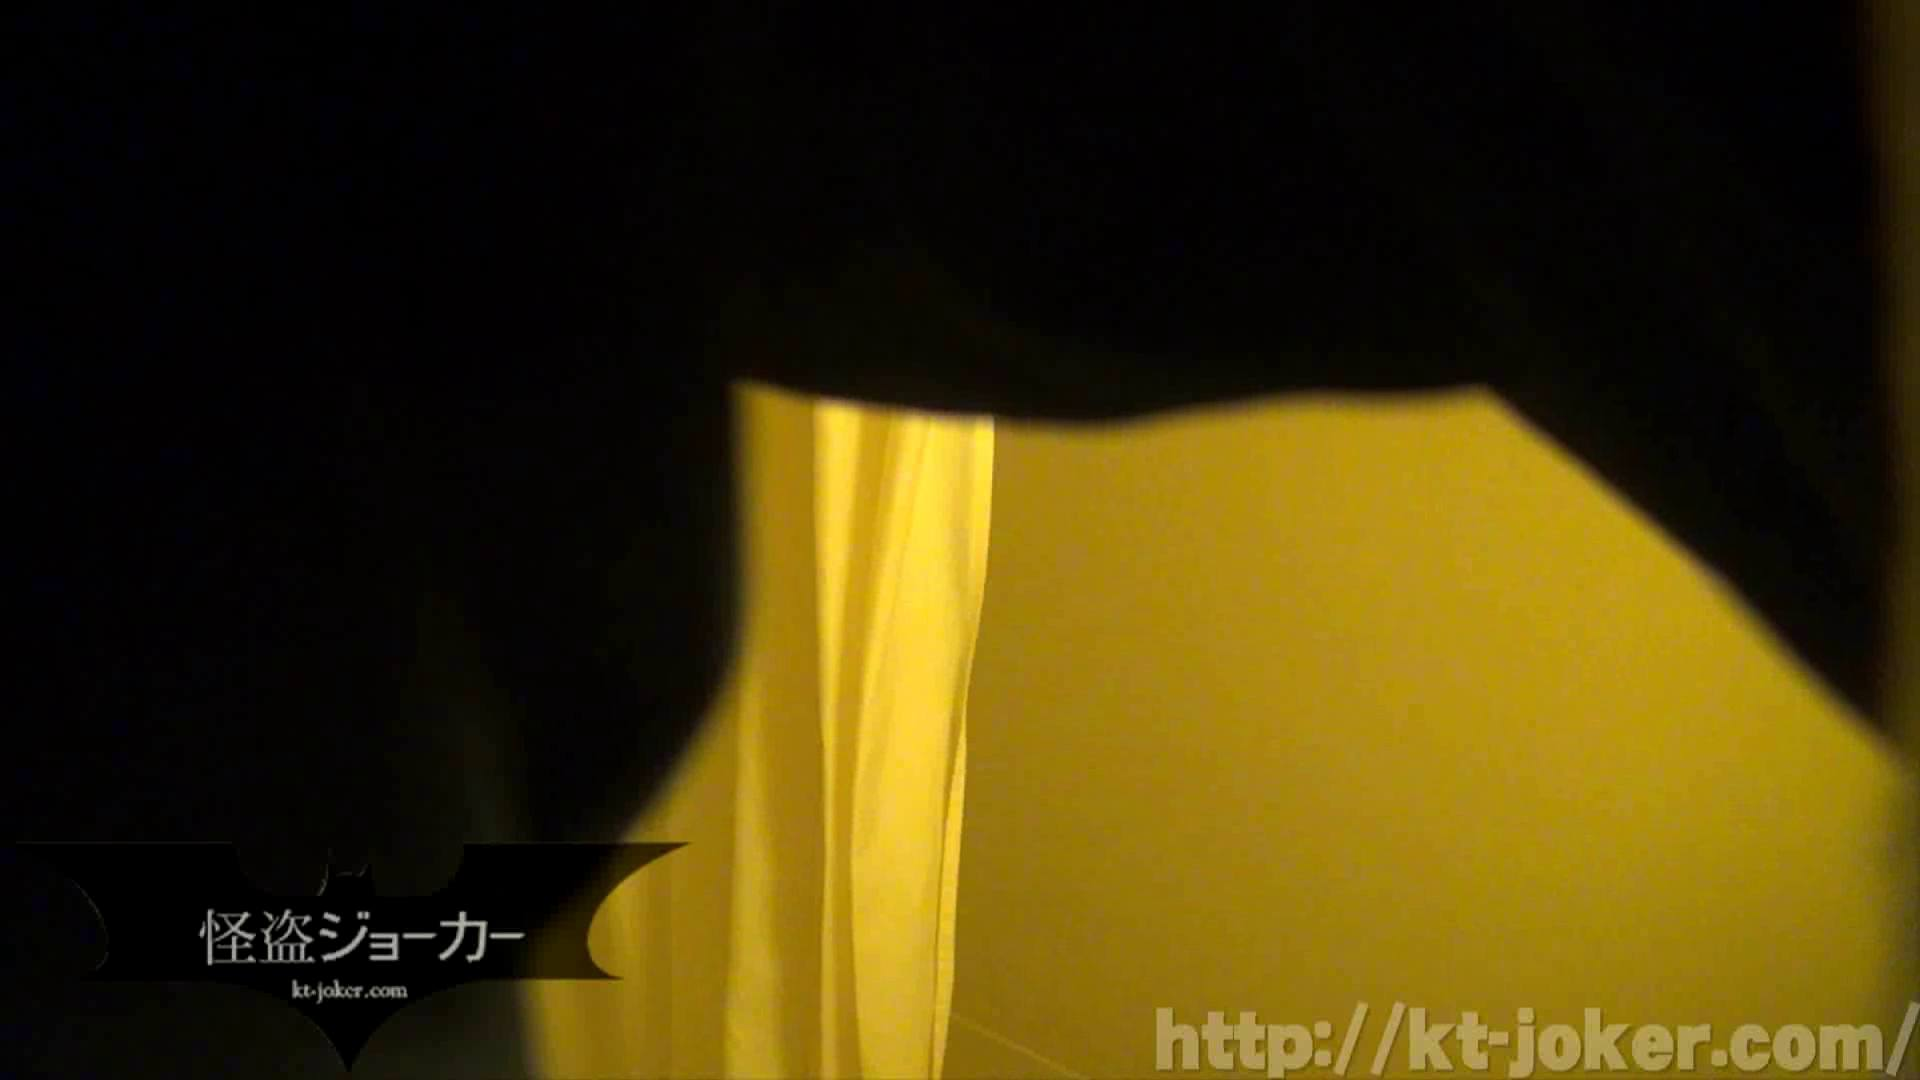 イ・タ・ズ・ラ劇場 Vol.01 巨乳 AV無料 94pic 38